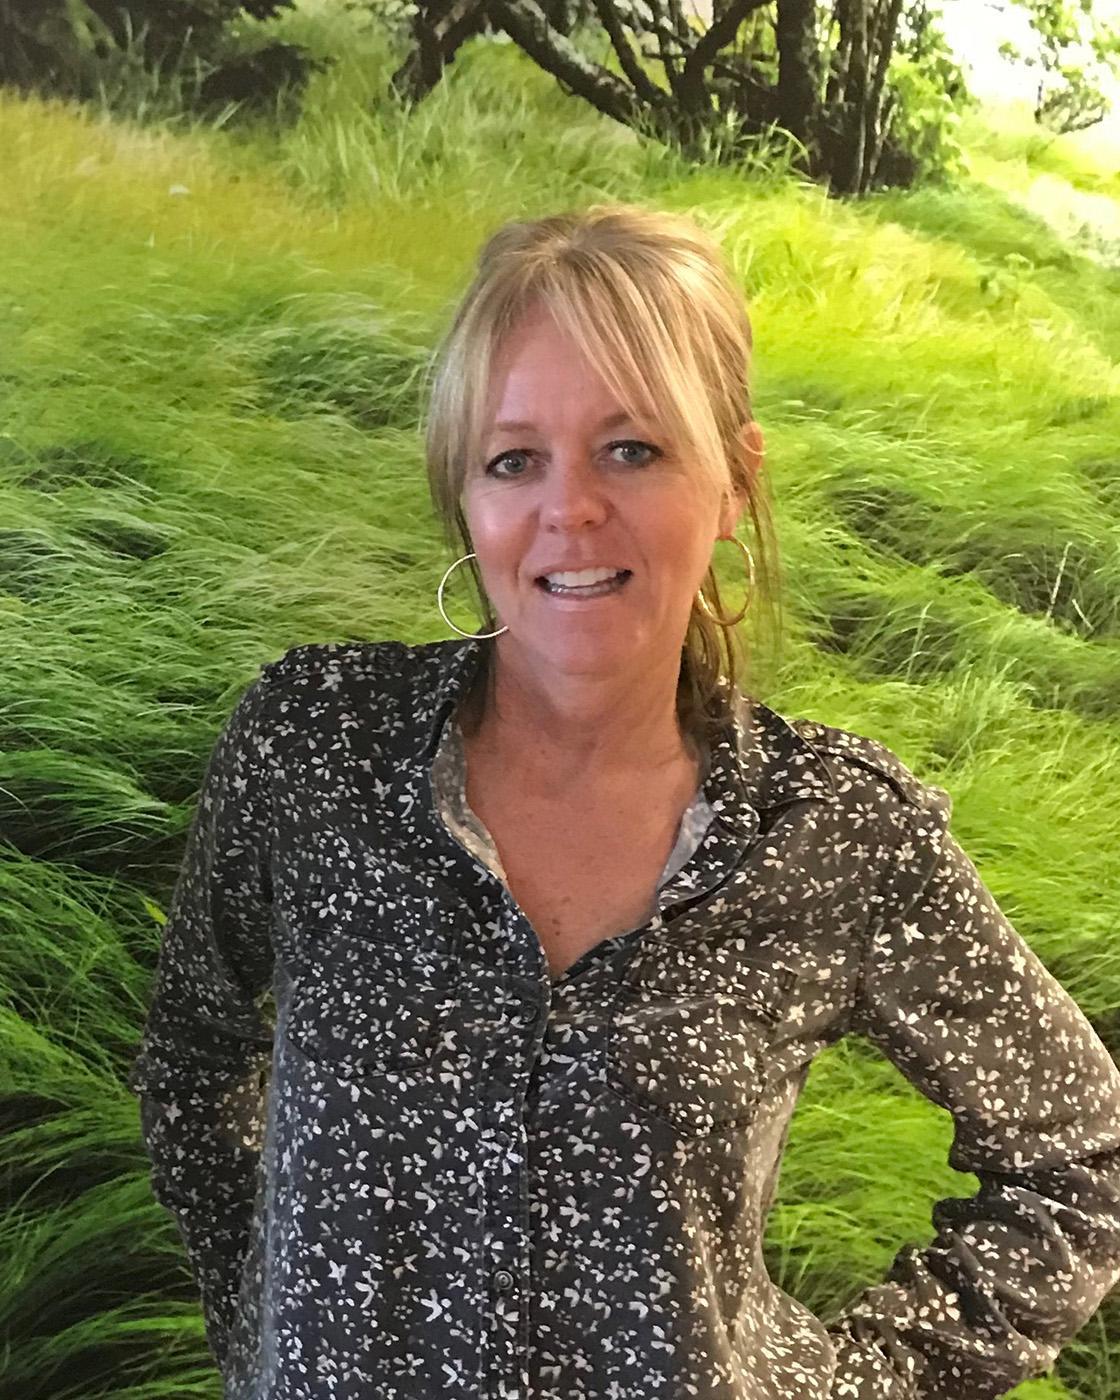 Lynn  Bakstad  - Owner